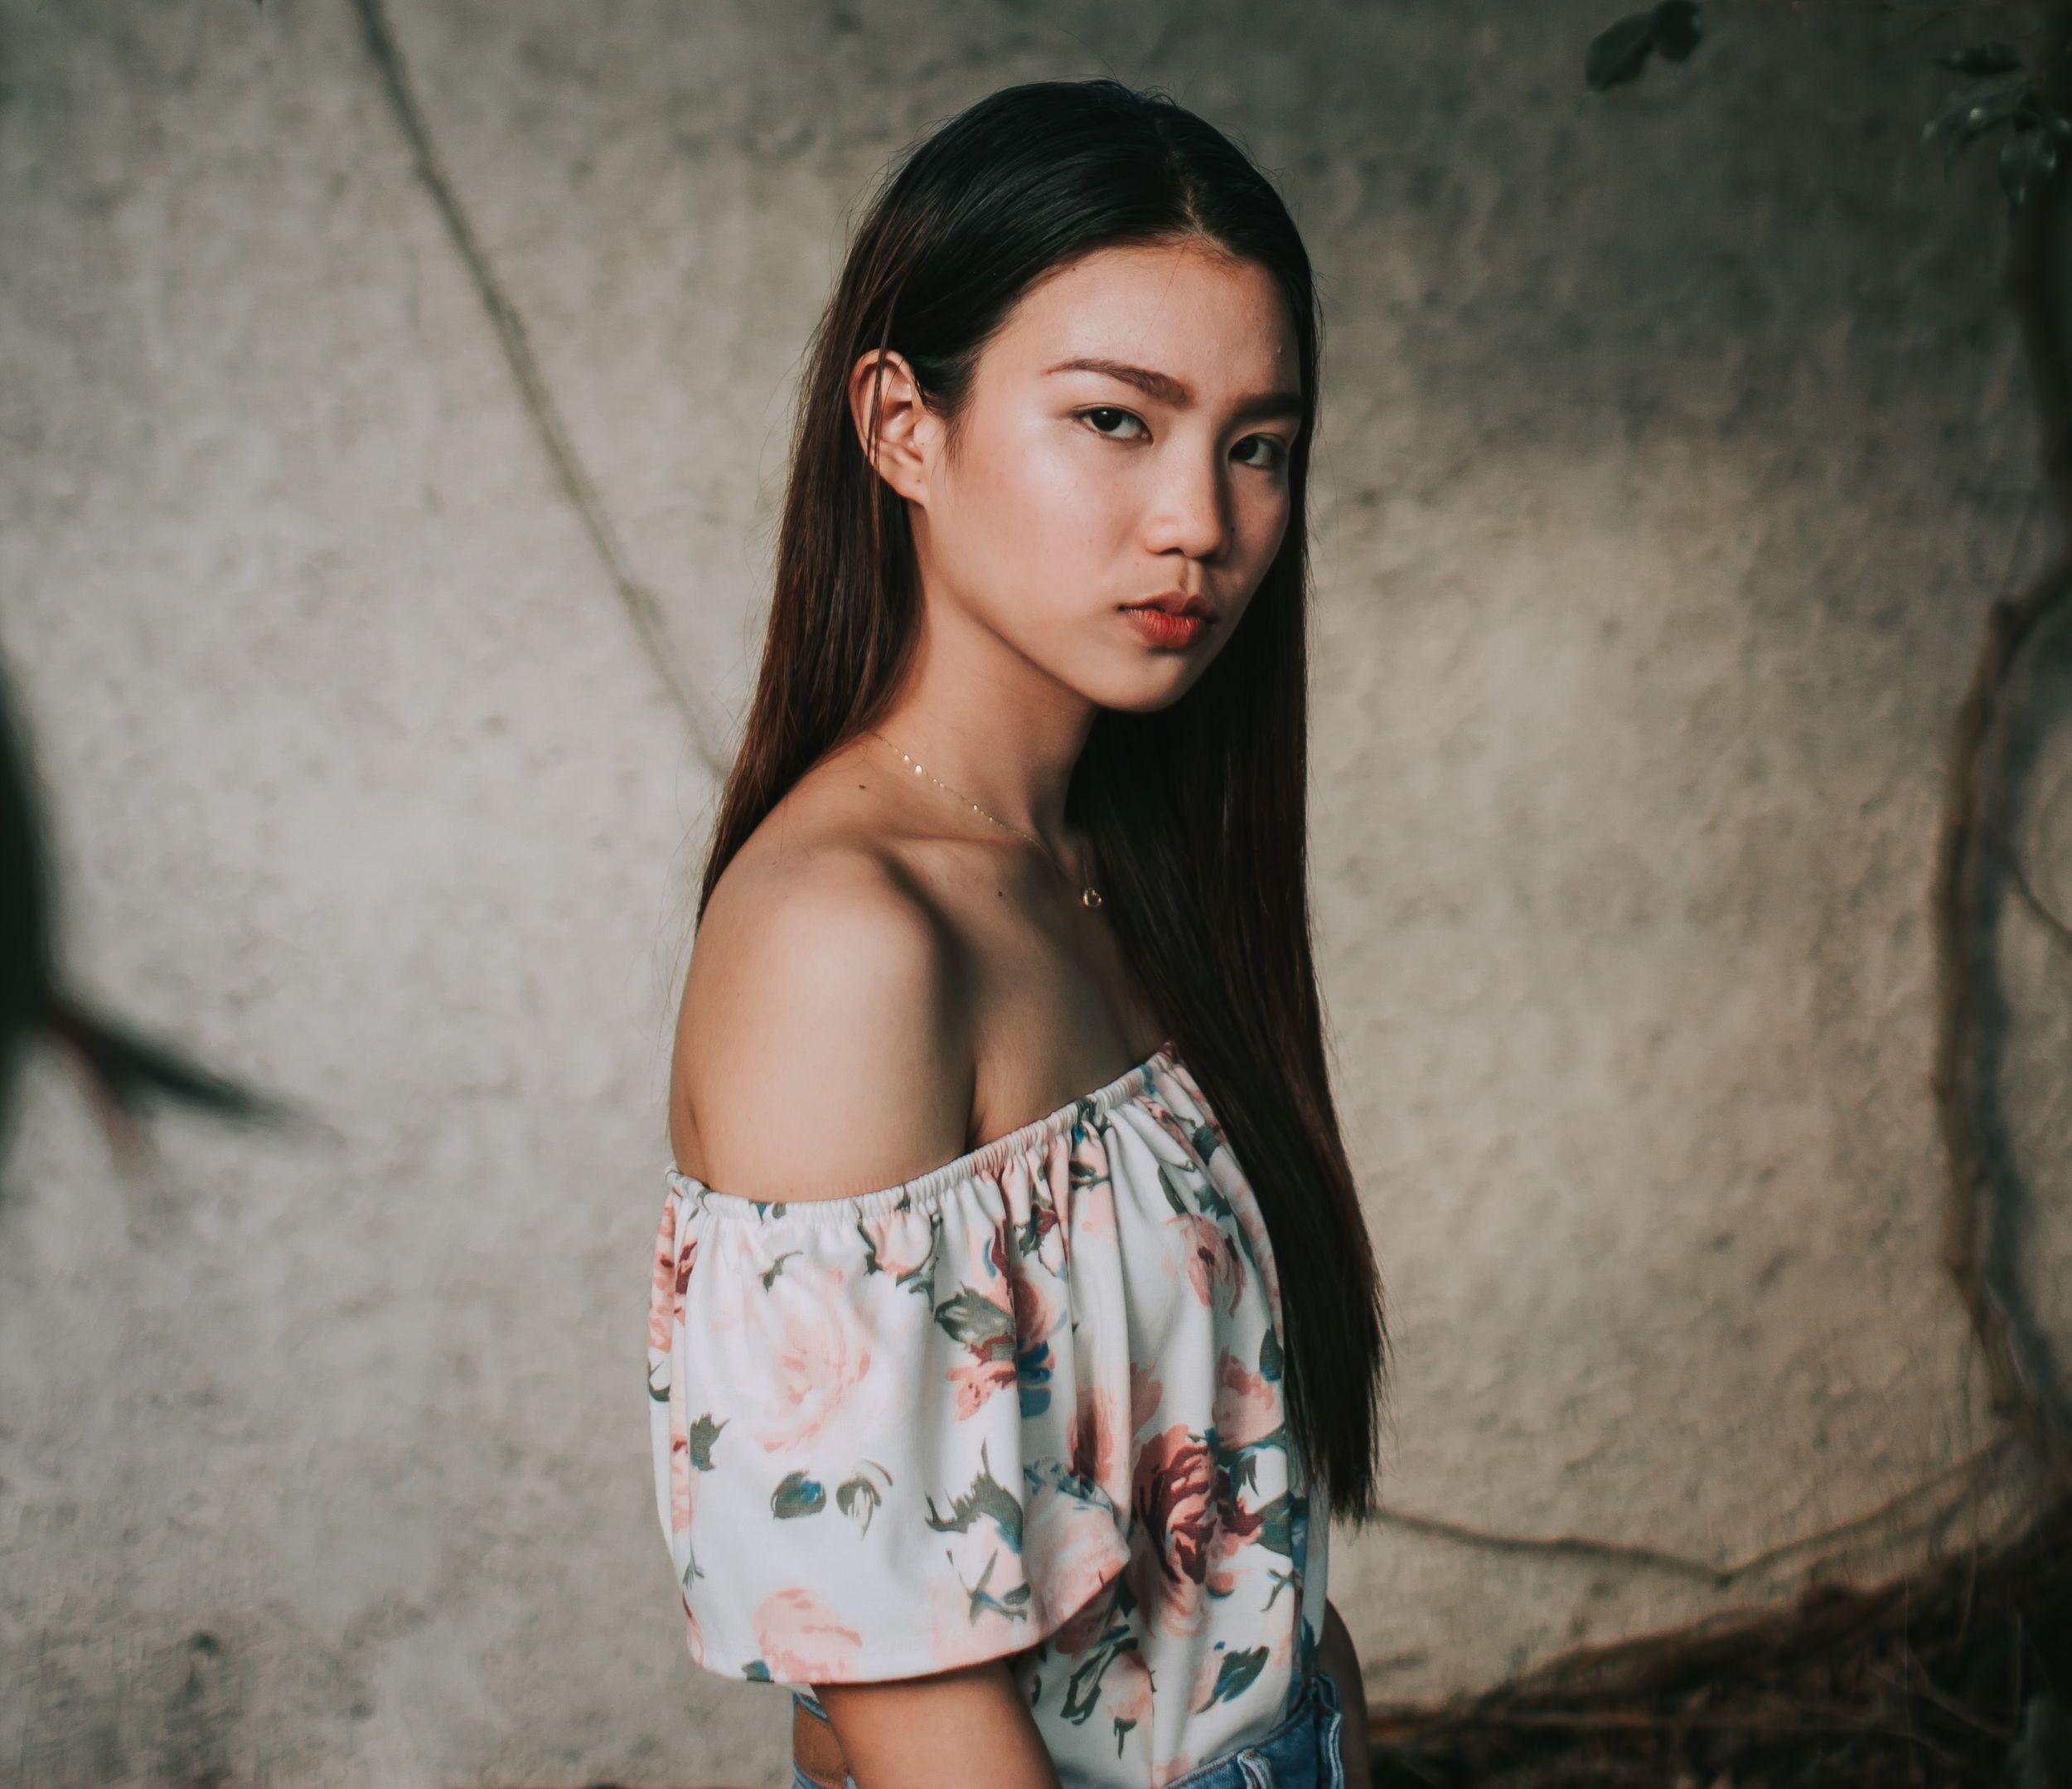 Globale Modemarken und junge asiatische Designtalente